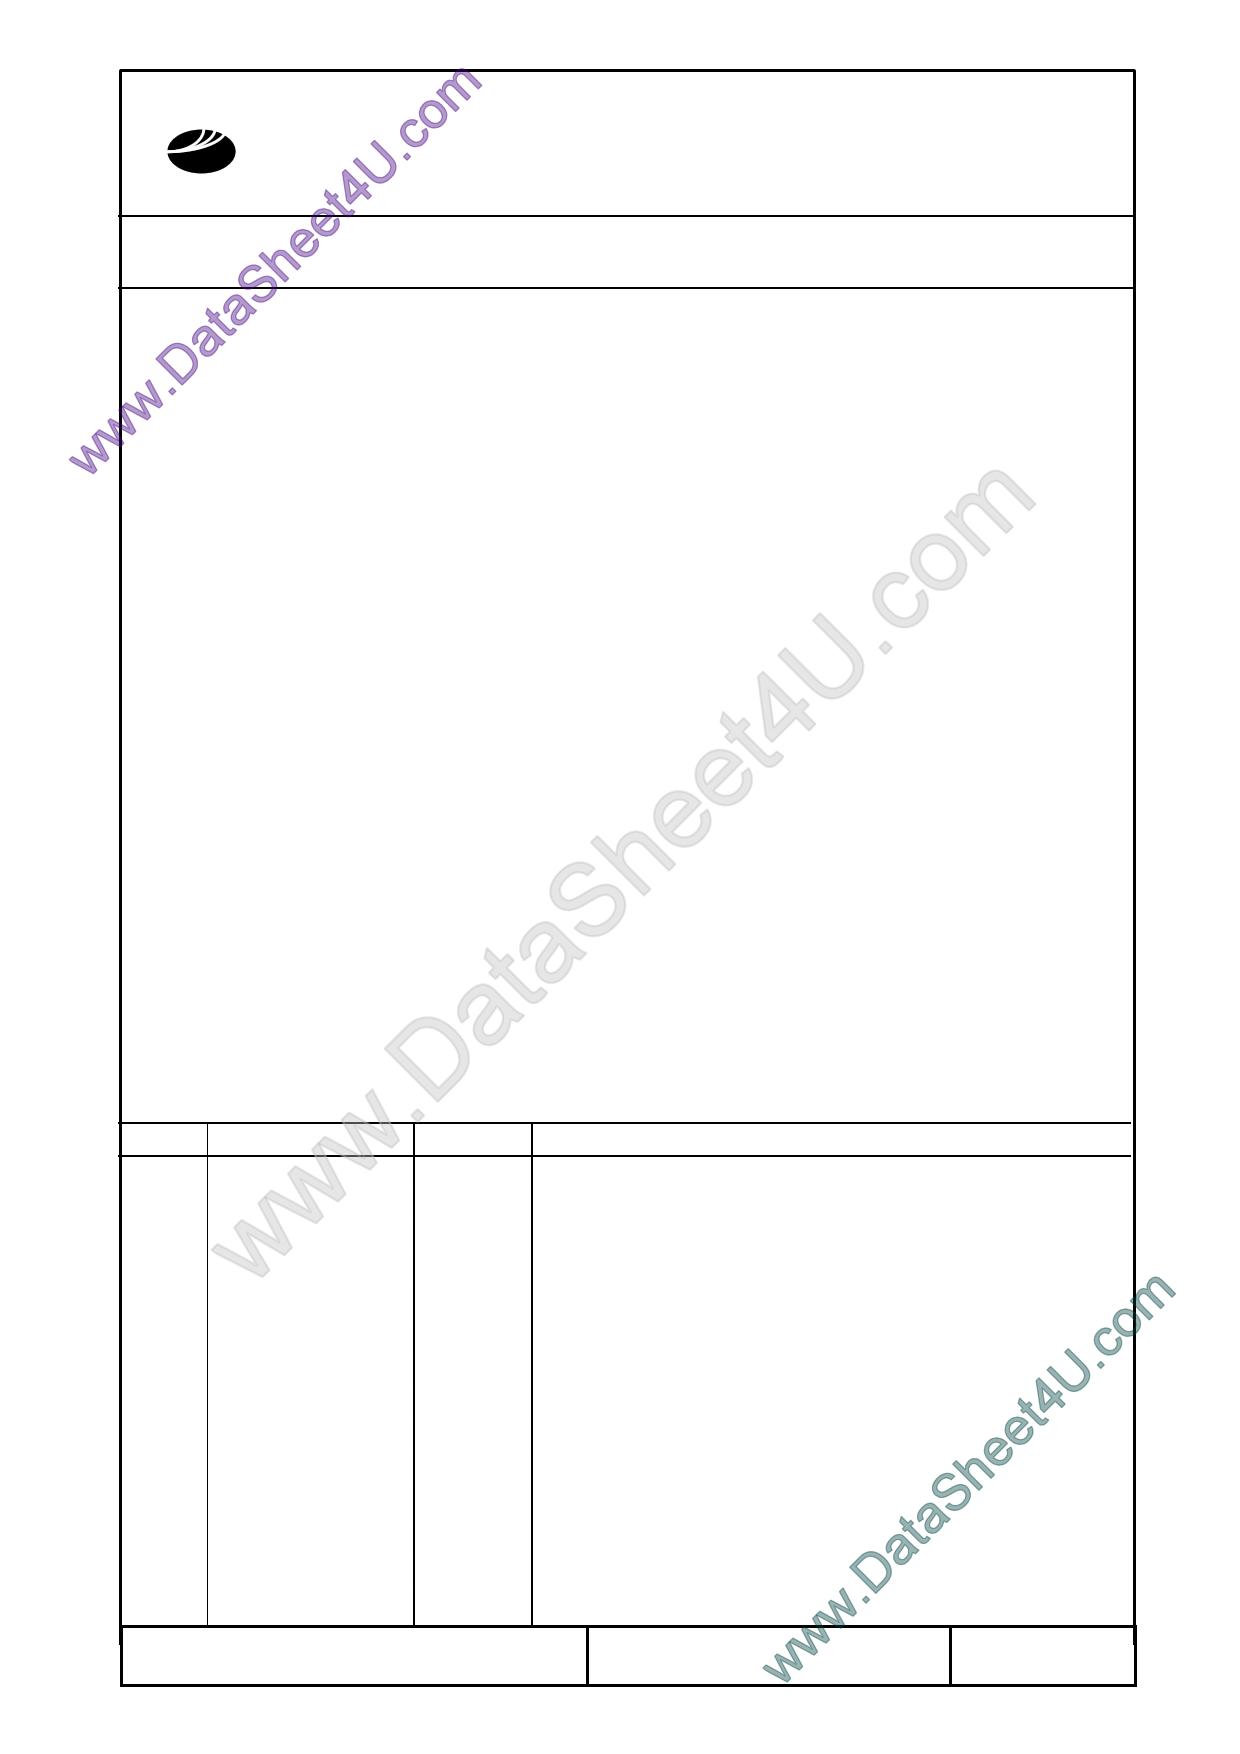 T-51384L079J_FW_P_AA دیتاشیت PDF